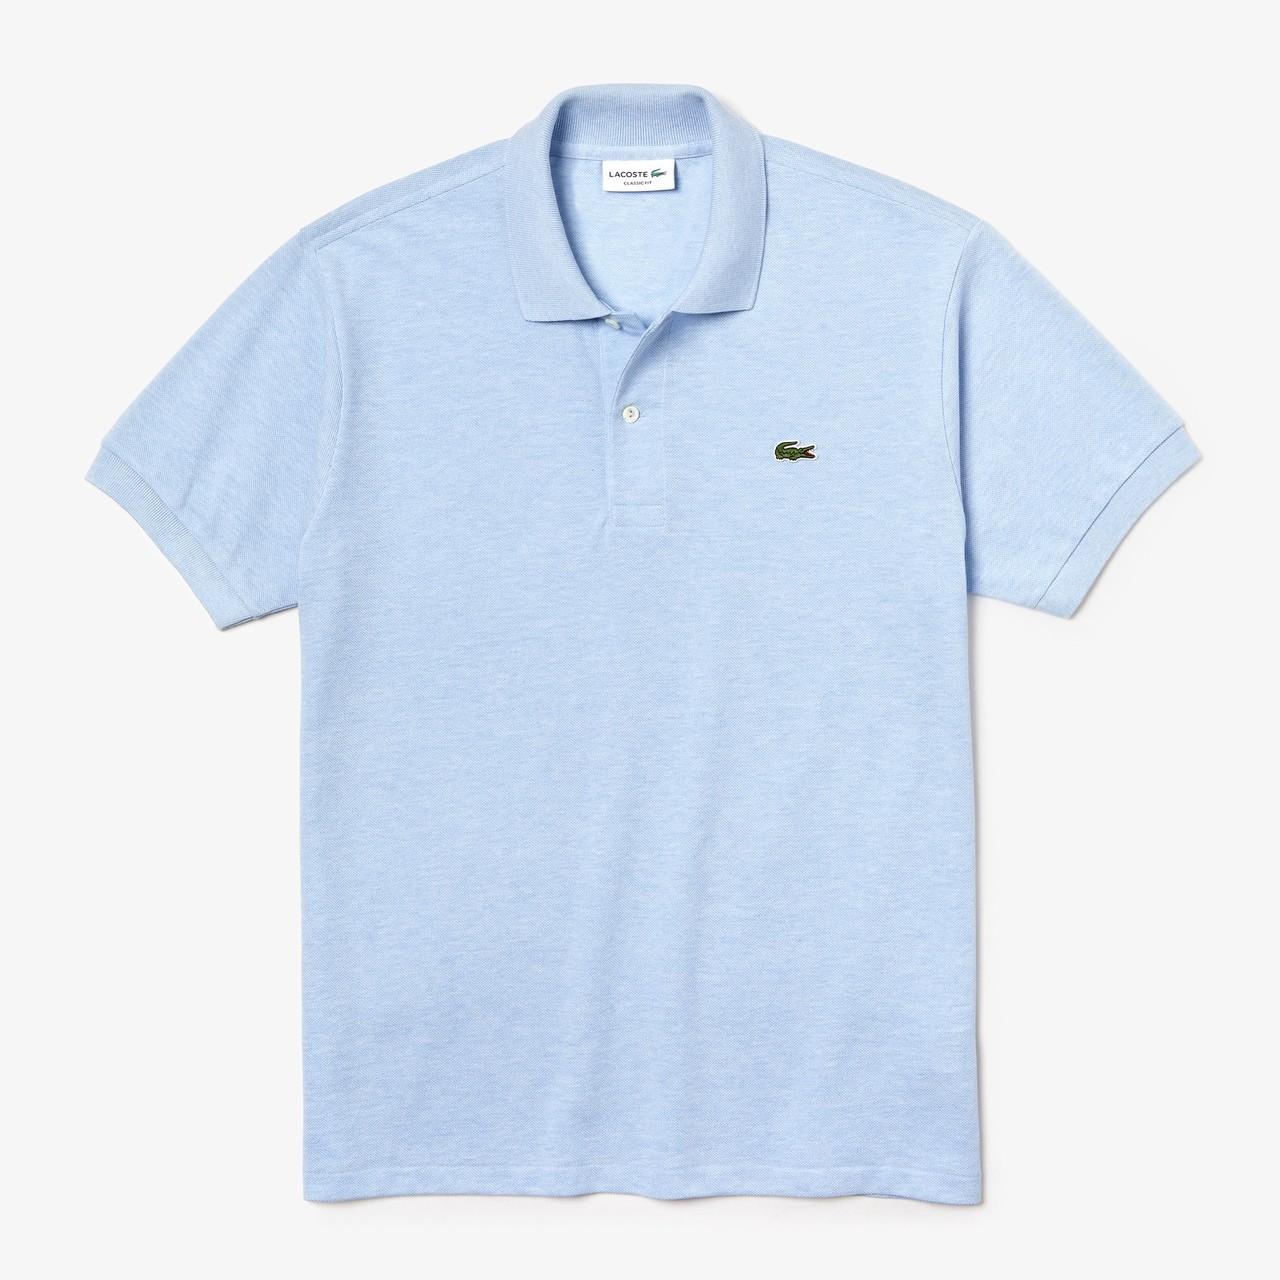 ポロシャツ(ラコステ)